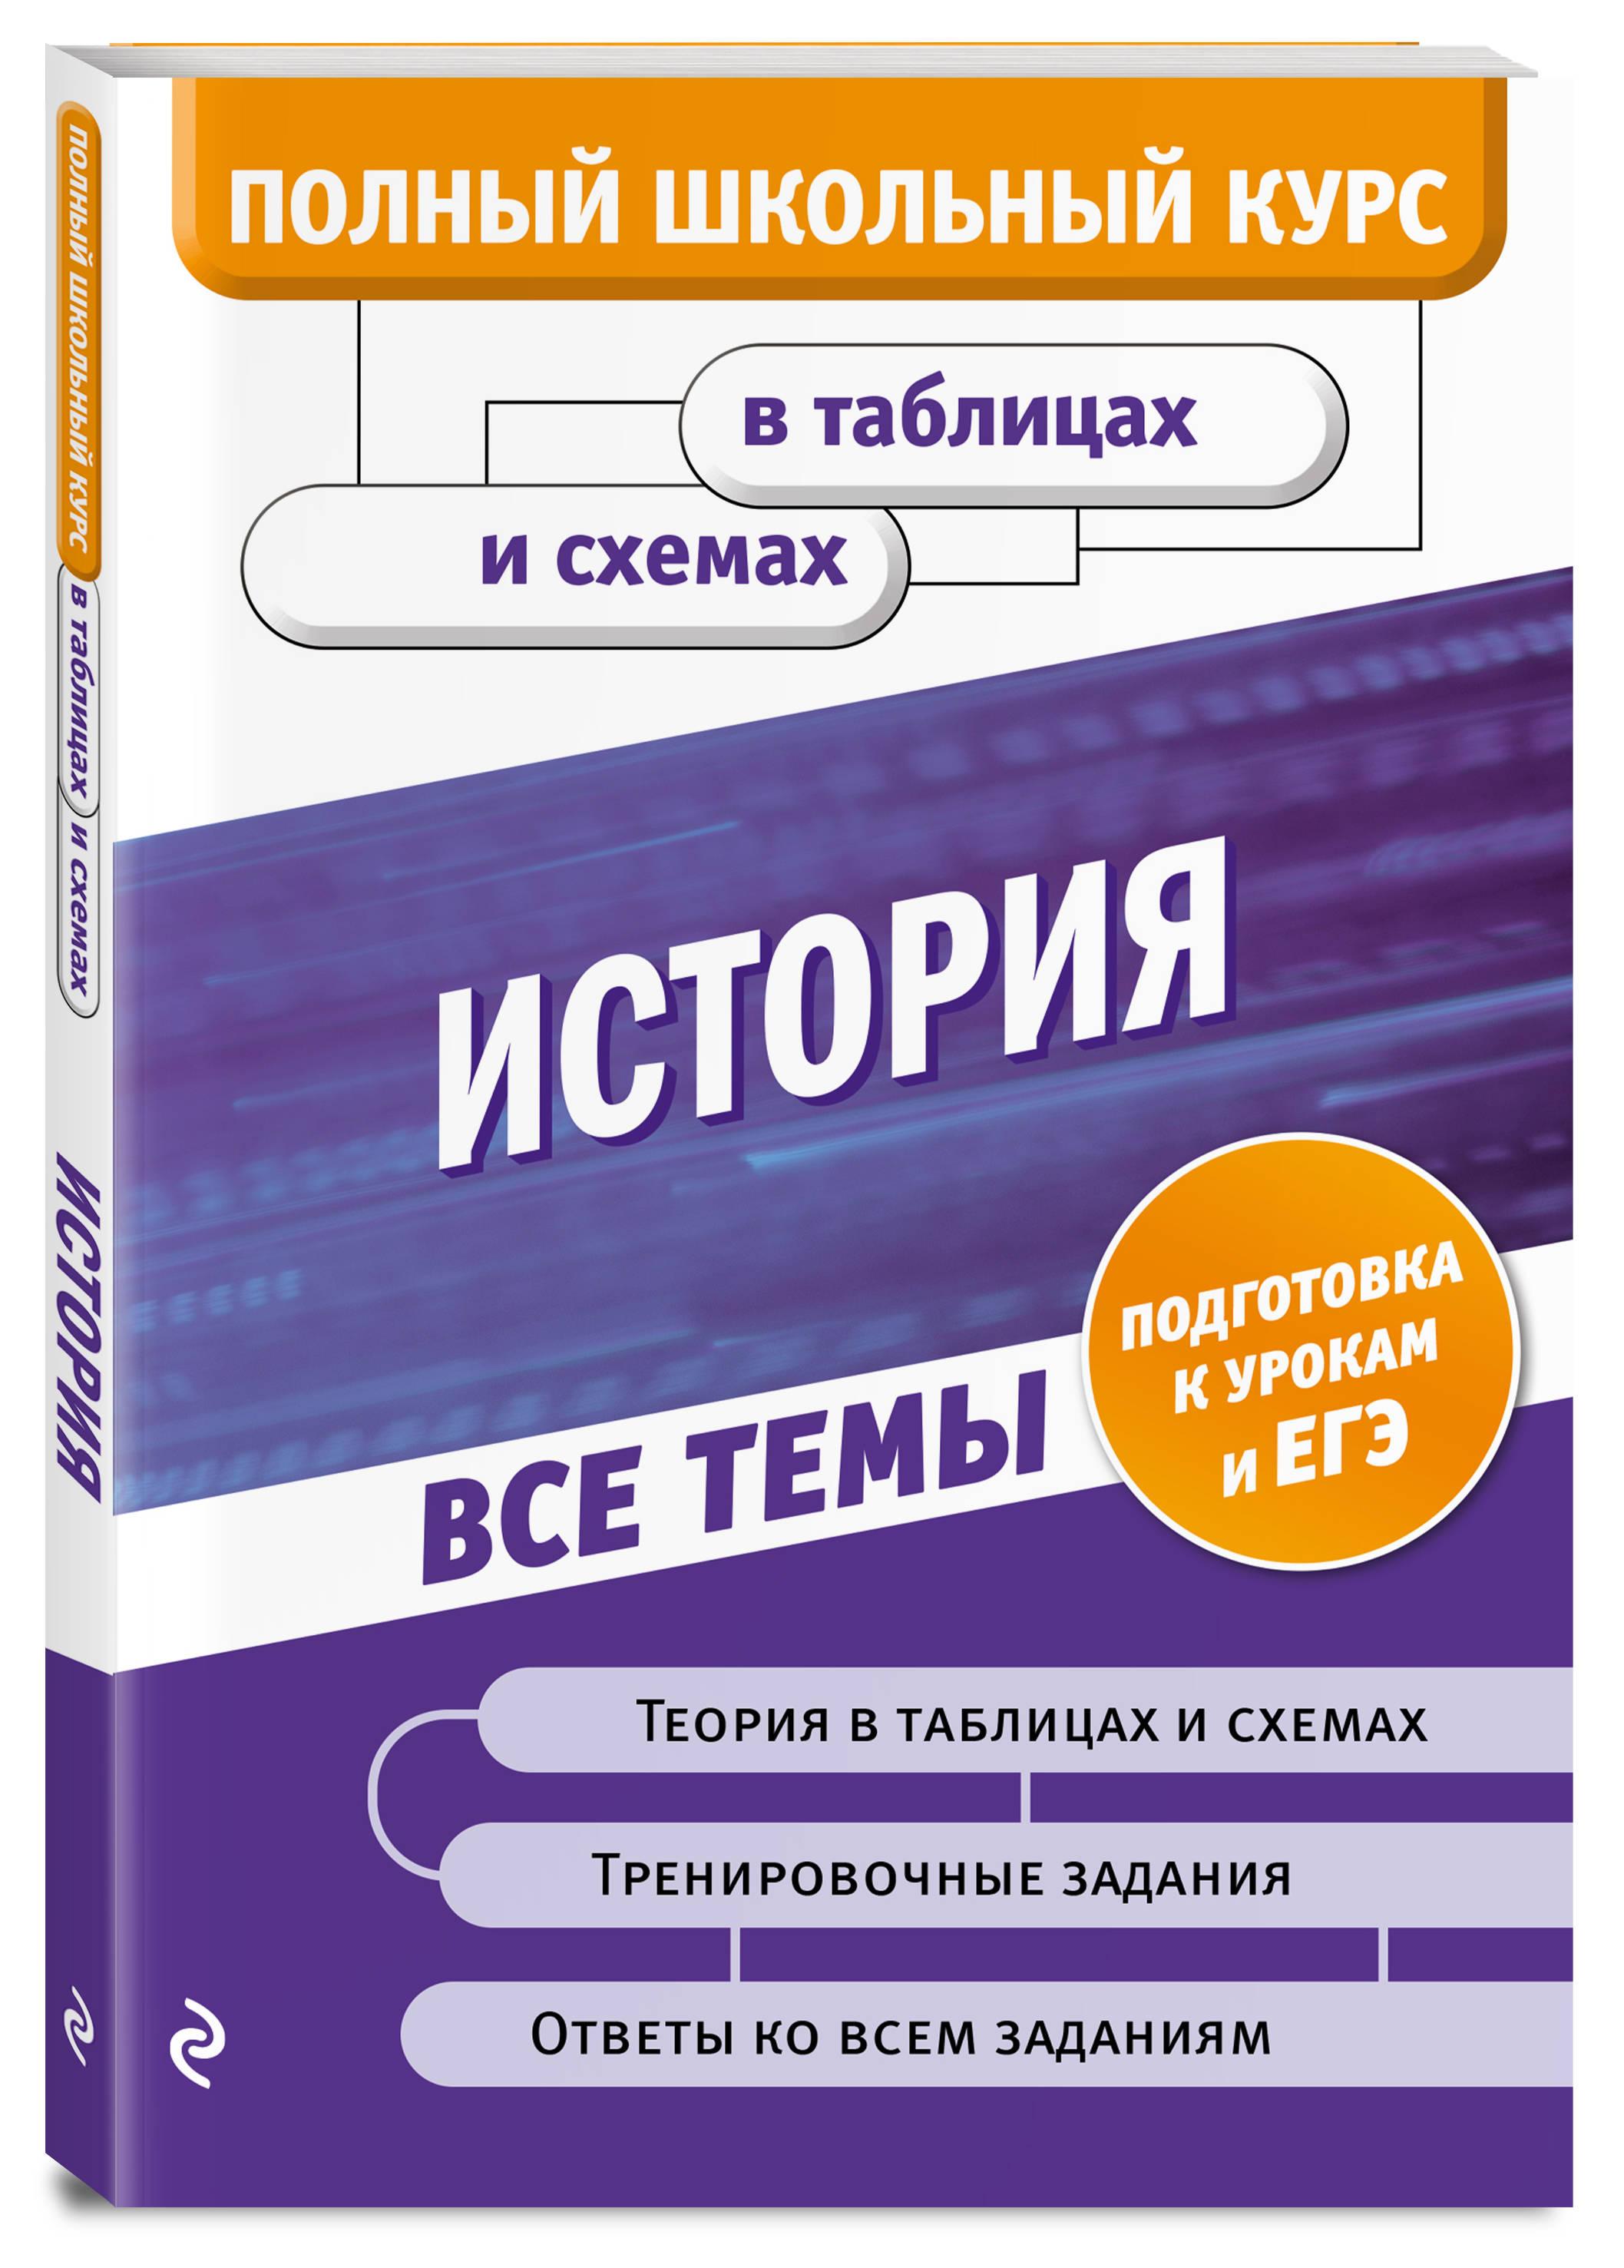 История ( Дедурин Геннадий Геннадиевич  )